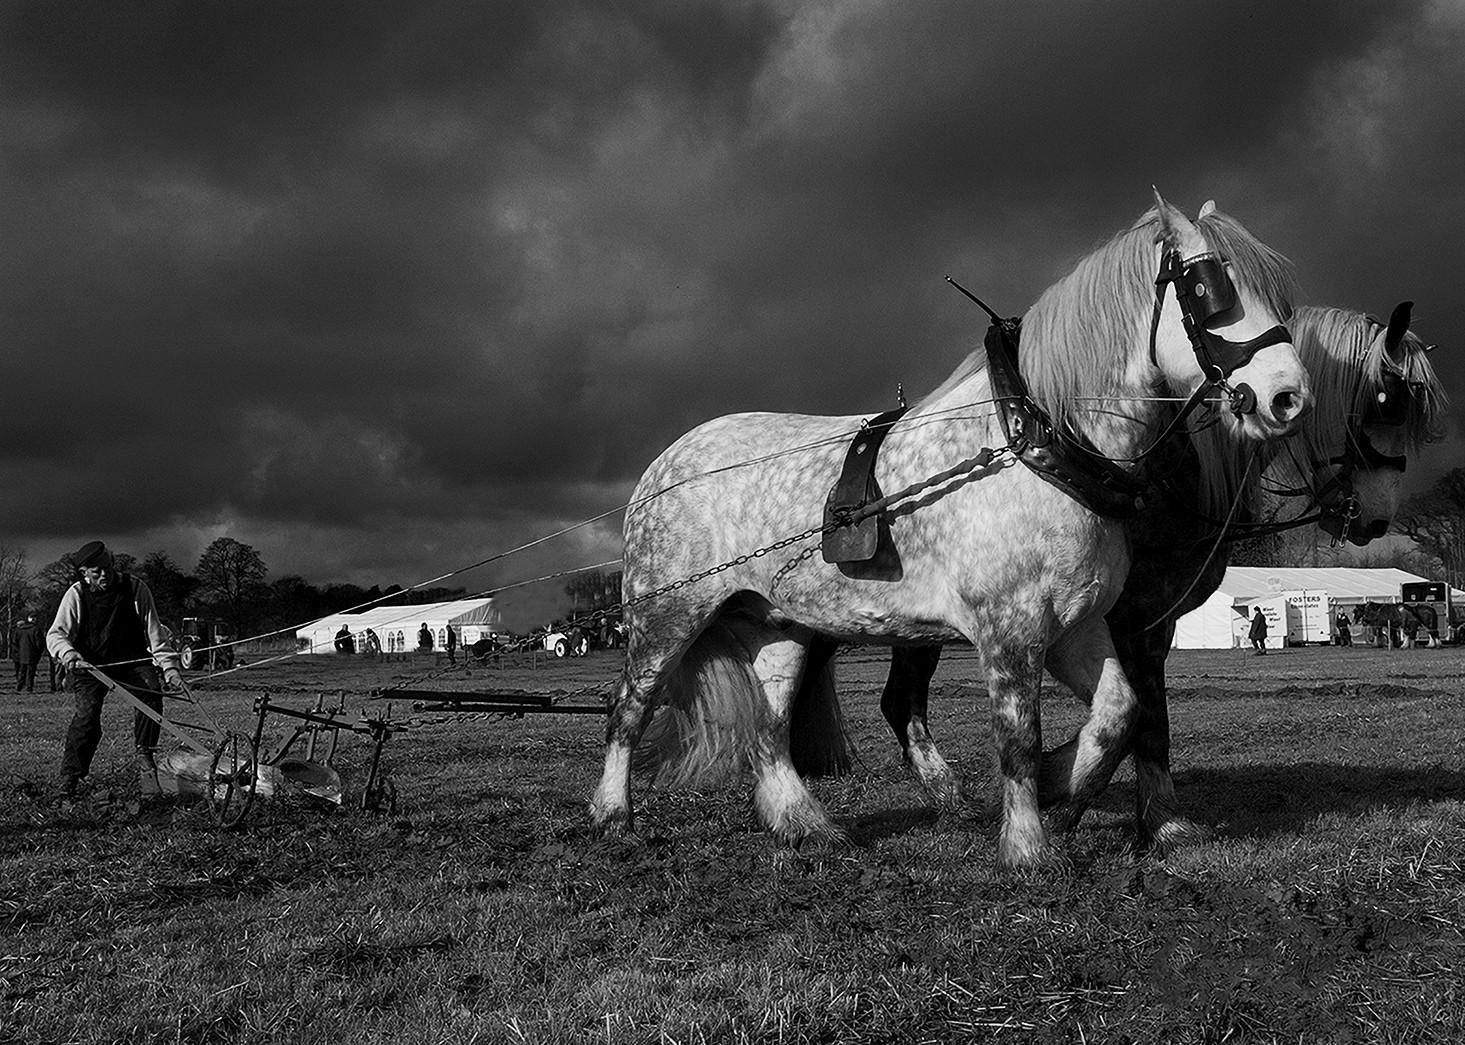 PDI - Heavy Horses by Paul Irwin (10 marks)